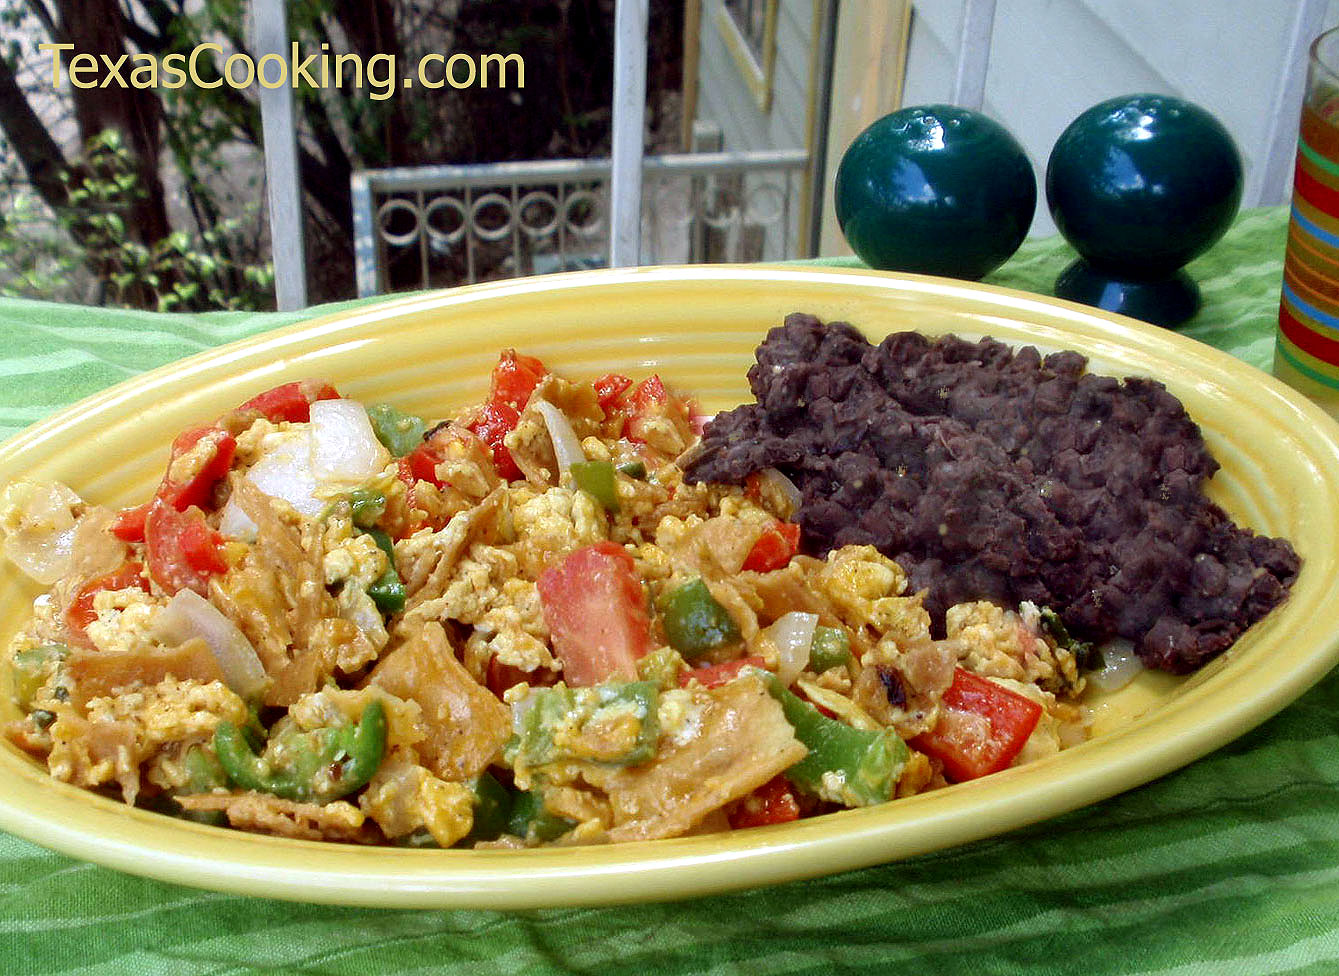 Migas Recipe with Fresh Tortillas